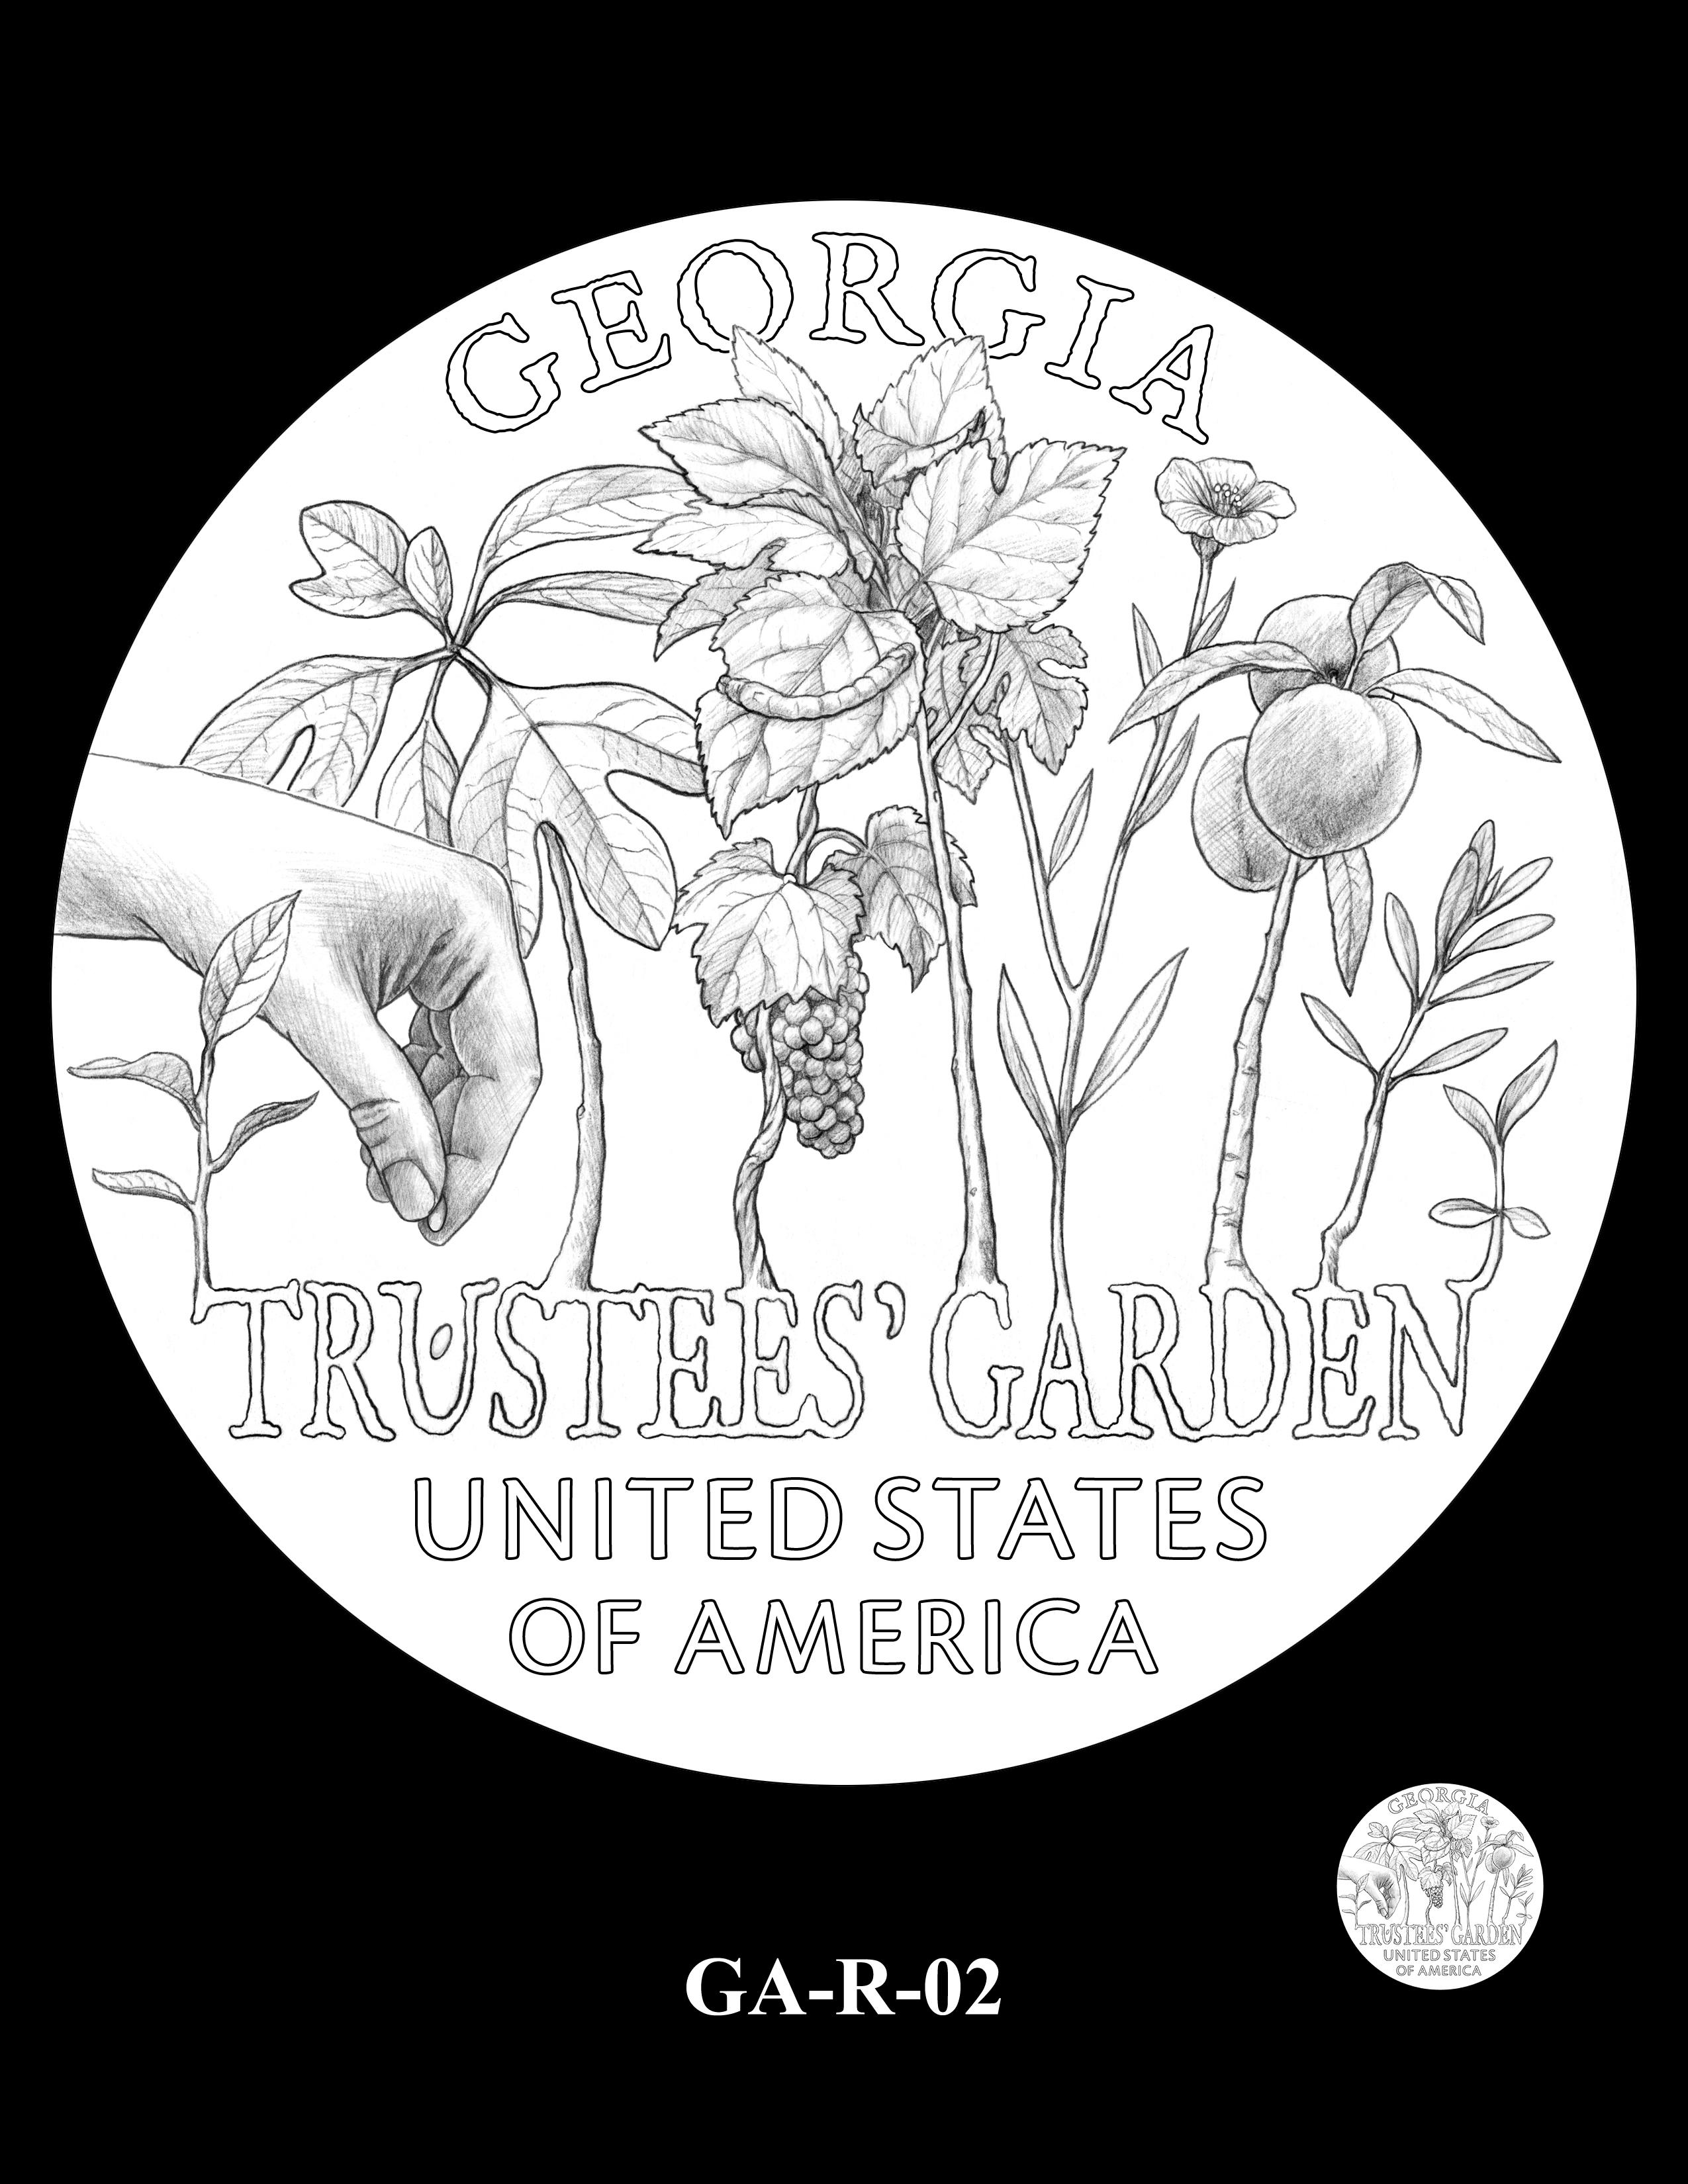 GA-R-02 -- 2019 American Innovation $1 Coin Program